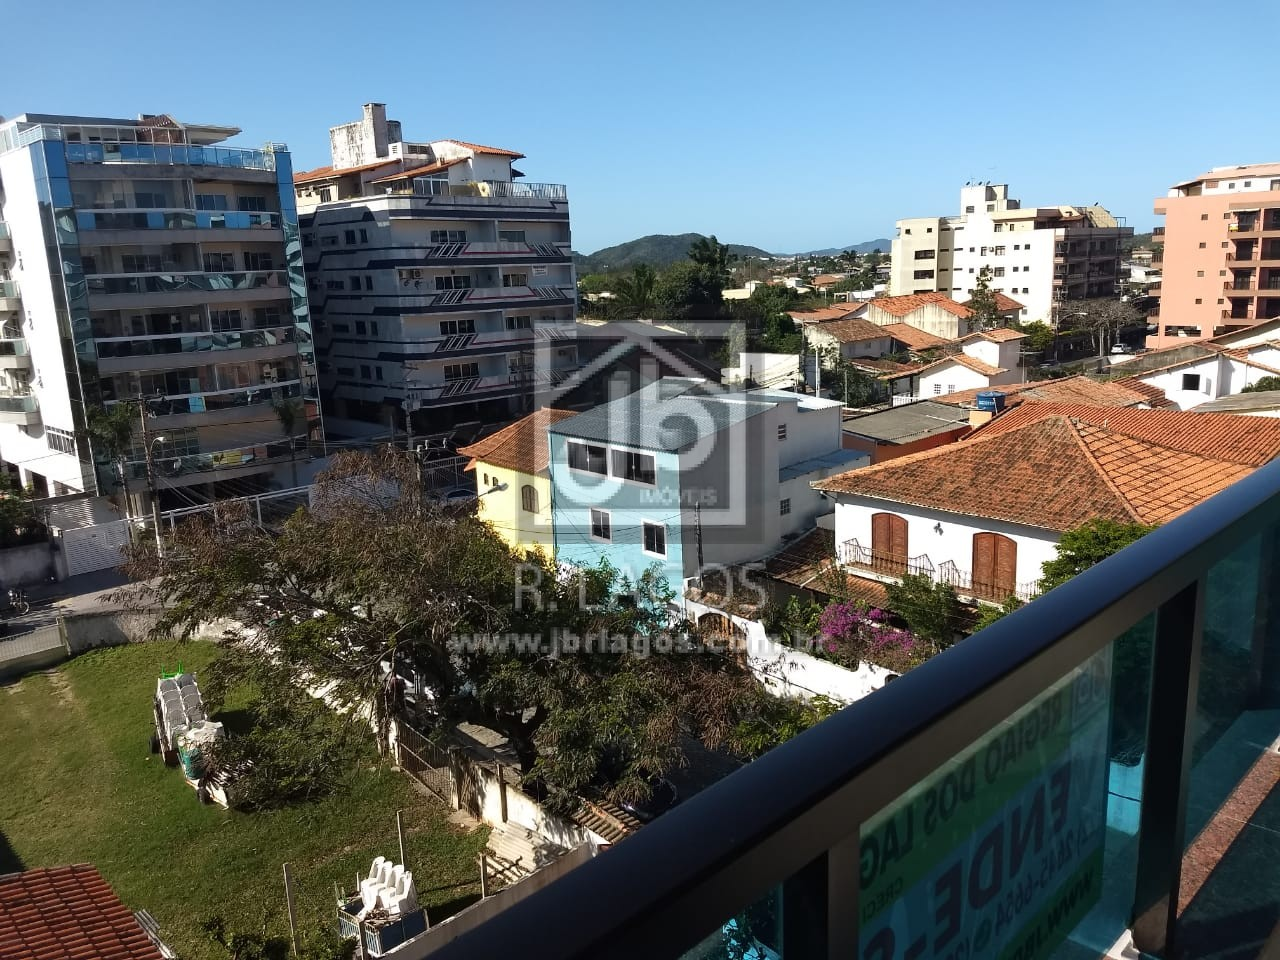 Apartamento em bairro nobre, amplo, perto da Praia, variado comércio, em bairro nobre e de grande valorização